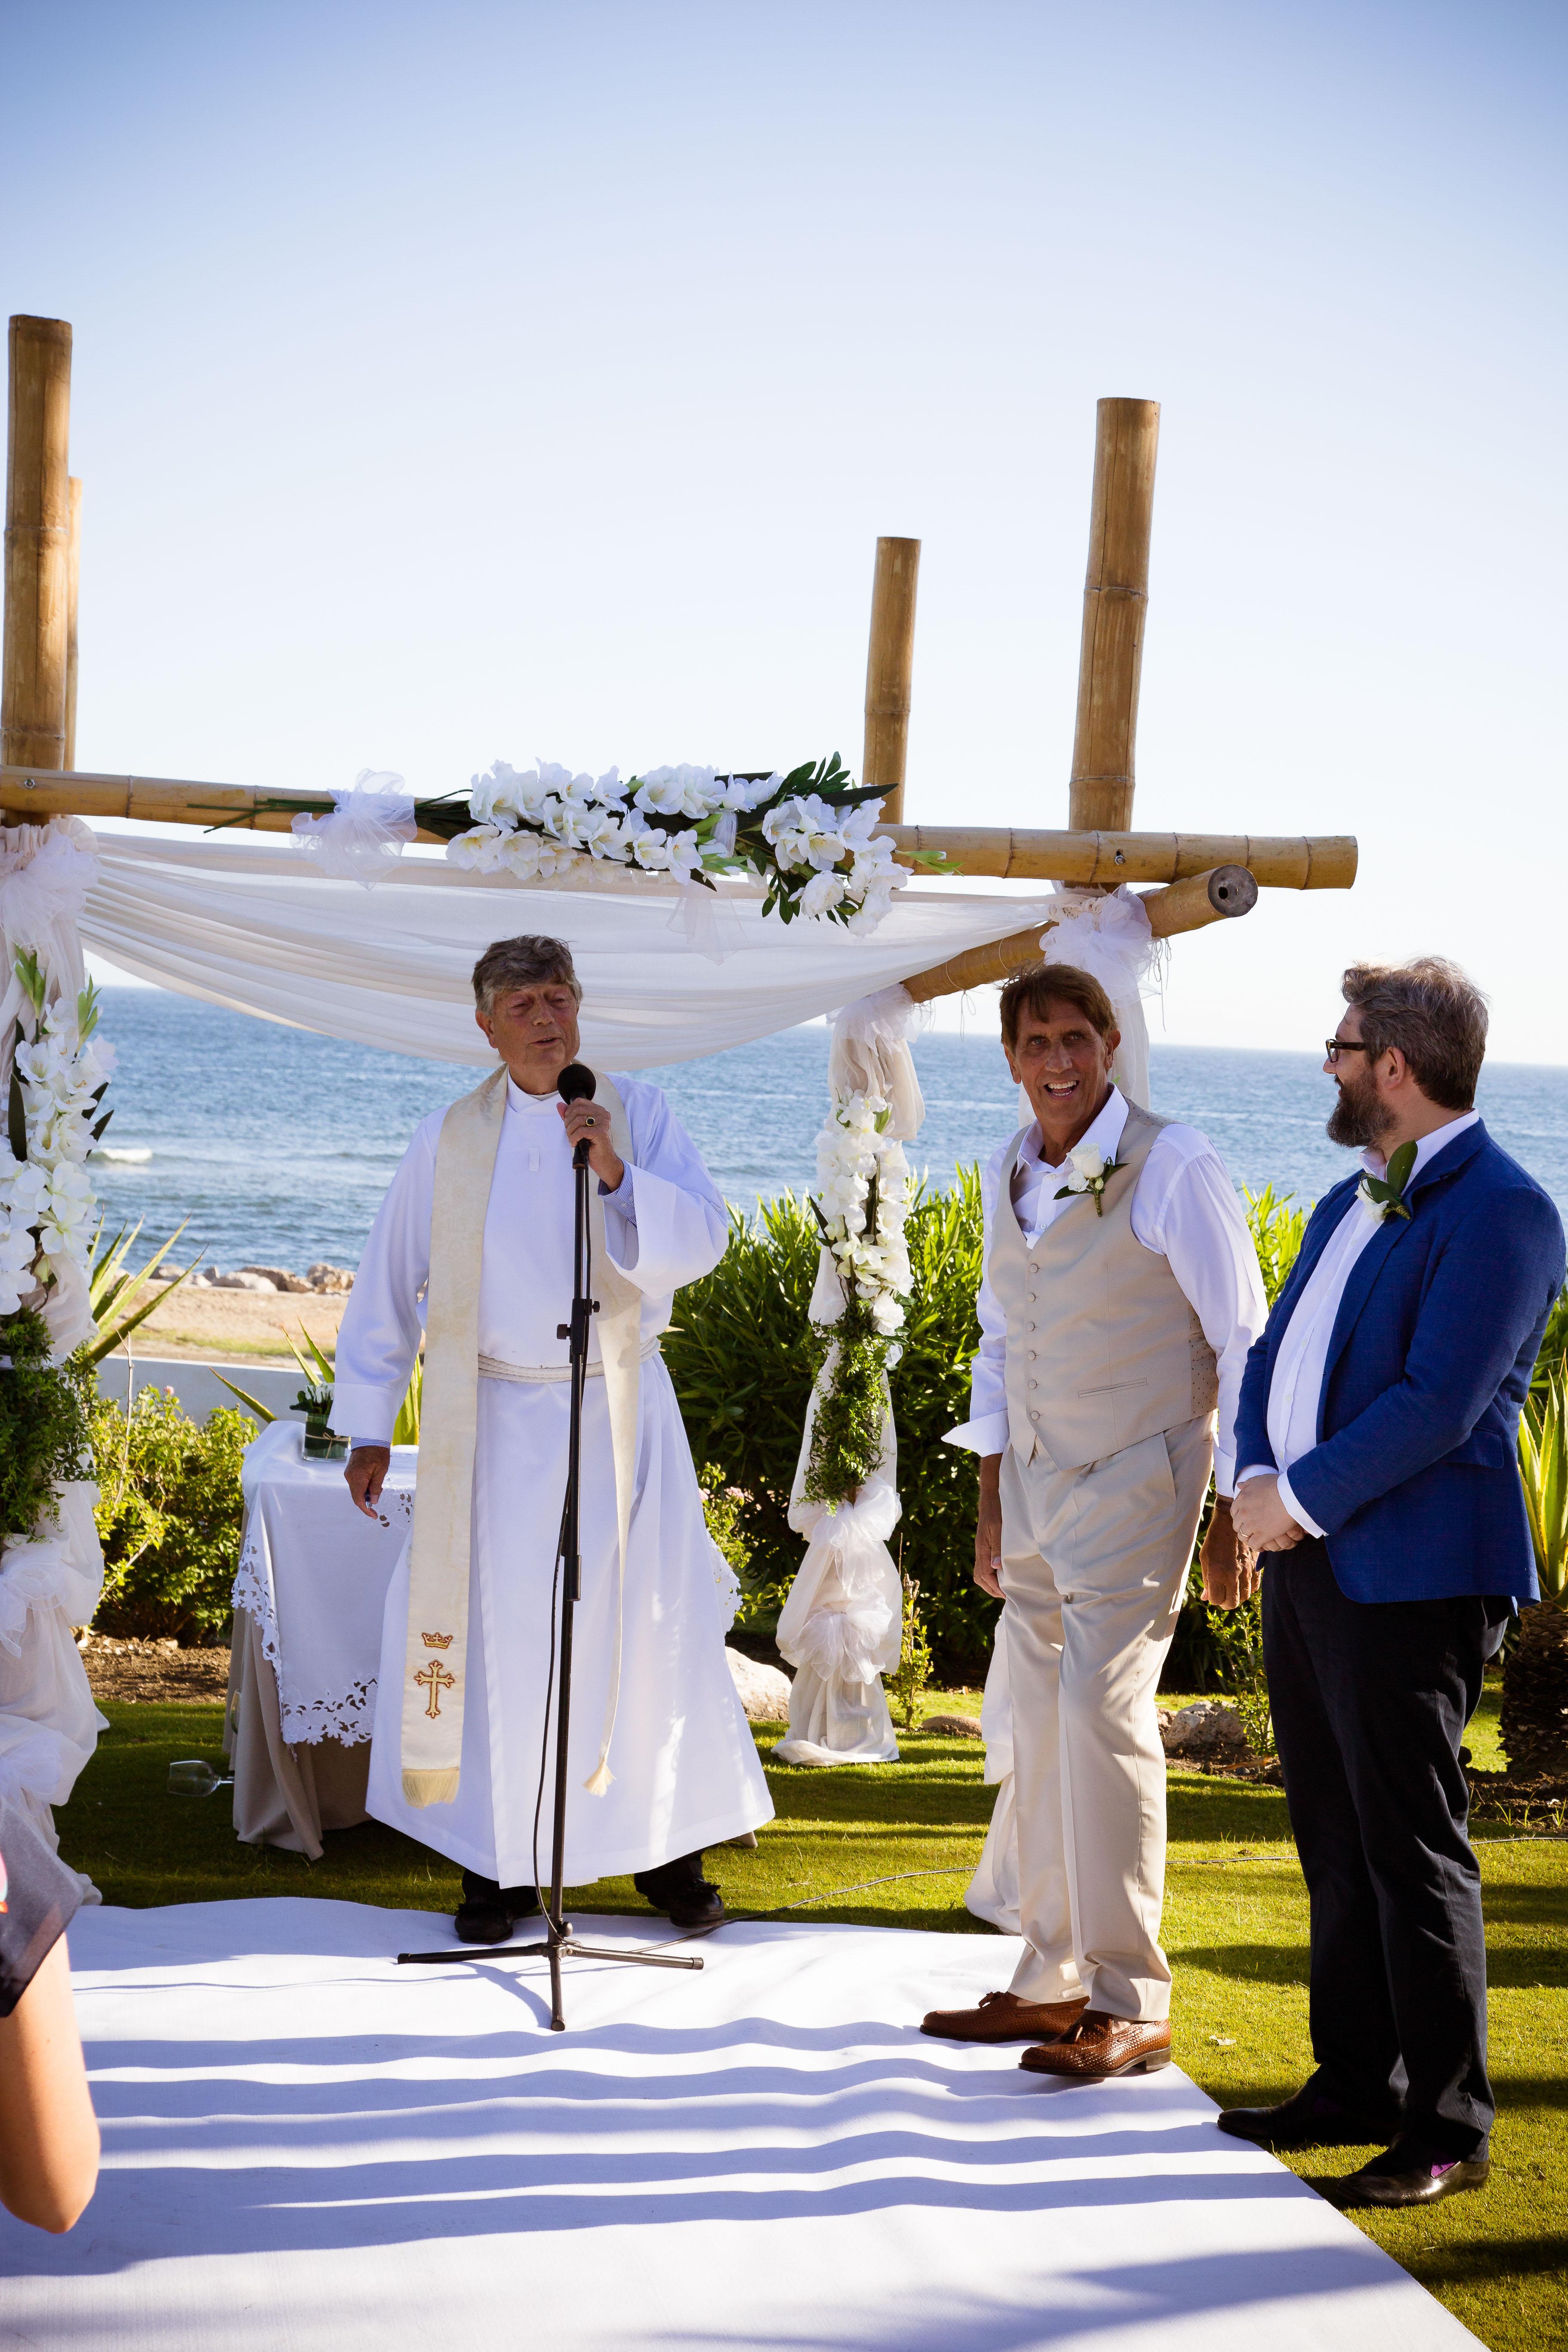 Tikitano beach wedding venue